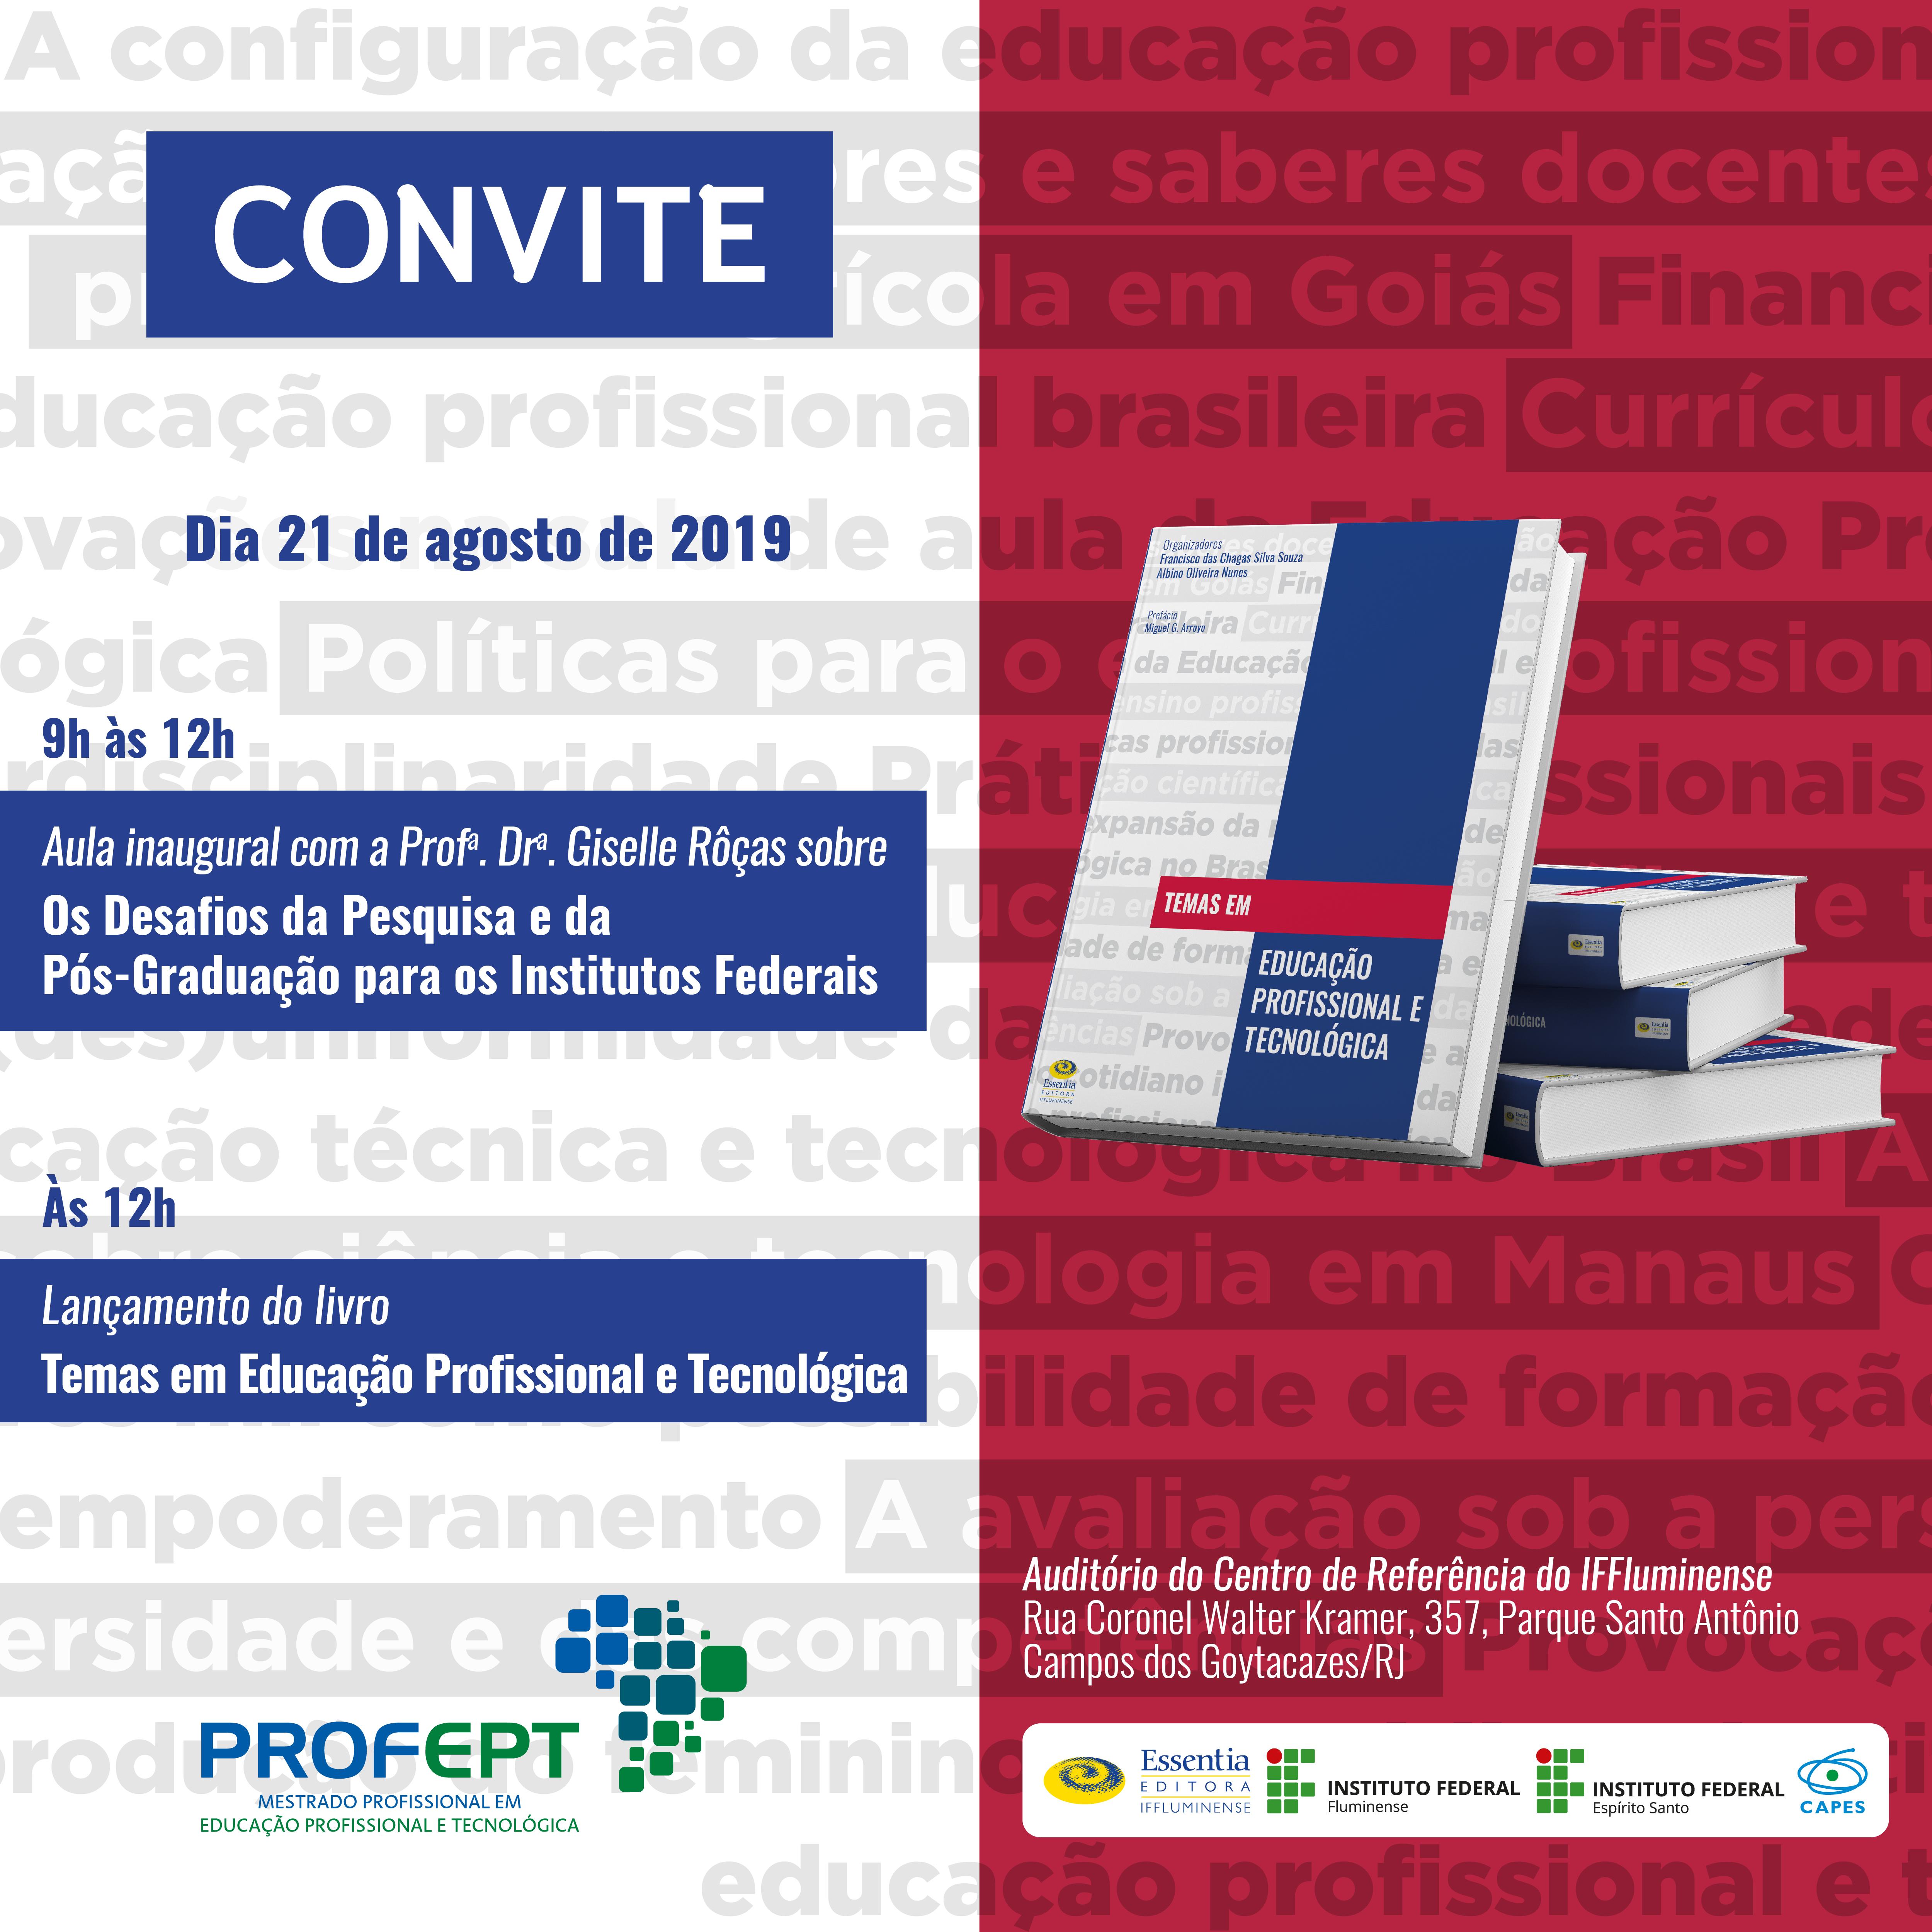 """21/08/19 - Lançamento do livro """"Temas em Educação Profissional e Tecnológica"""""""